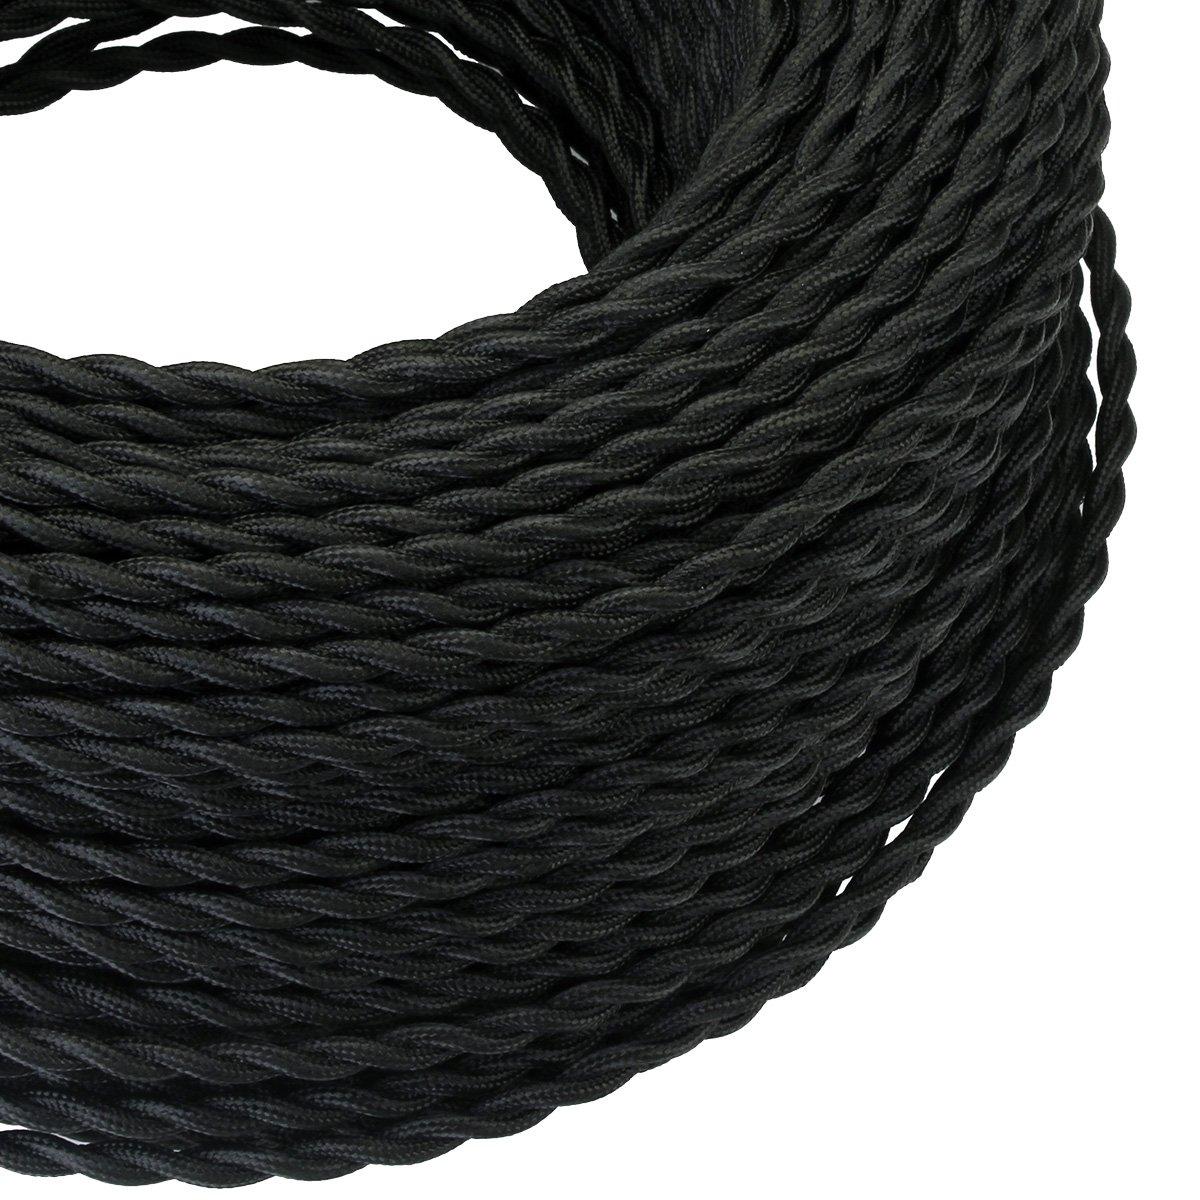 Or clair C/âble /électrique textile pour les Accessoires de Lampe Bricolage 2x0,75mm/² c/âble de lumi/ère de 2 fils 5M GreenSun Fils Electriques Torsad/é Tissu R/étro